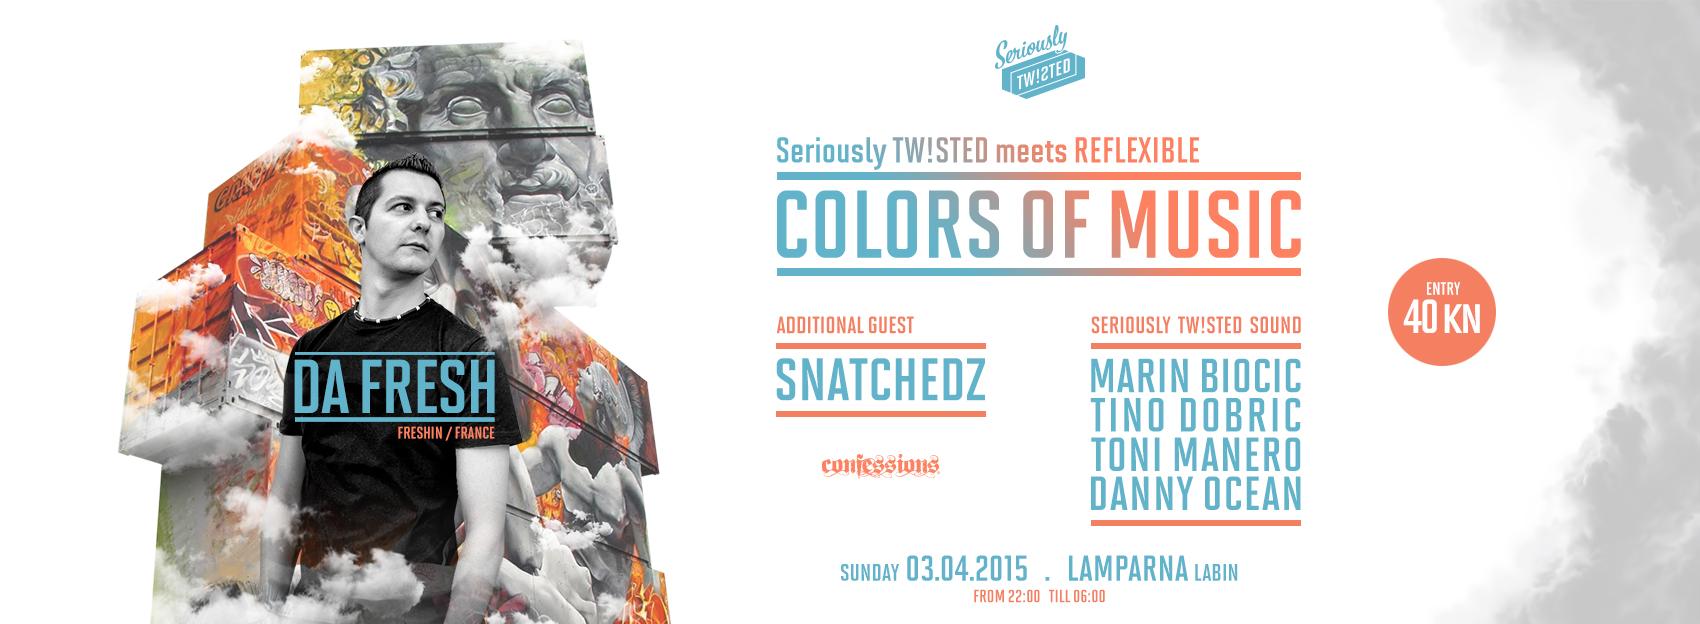 COLORS OF MUSIC w/ DA FRESH @ KuC Lamparna, Labin 03.04.2015.